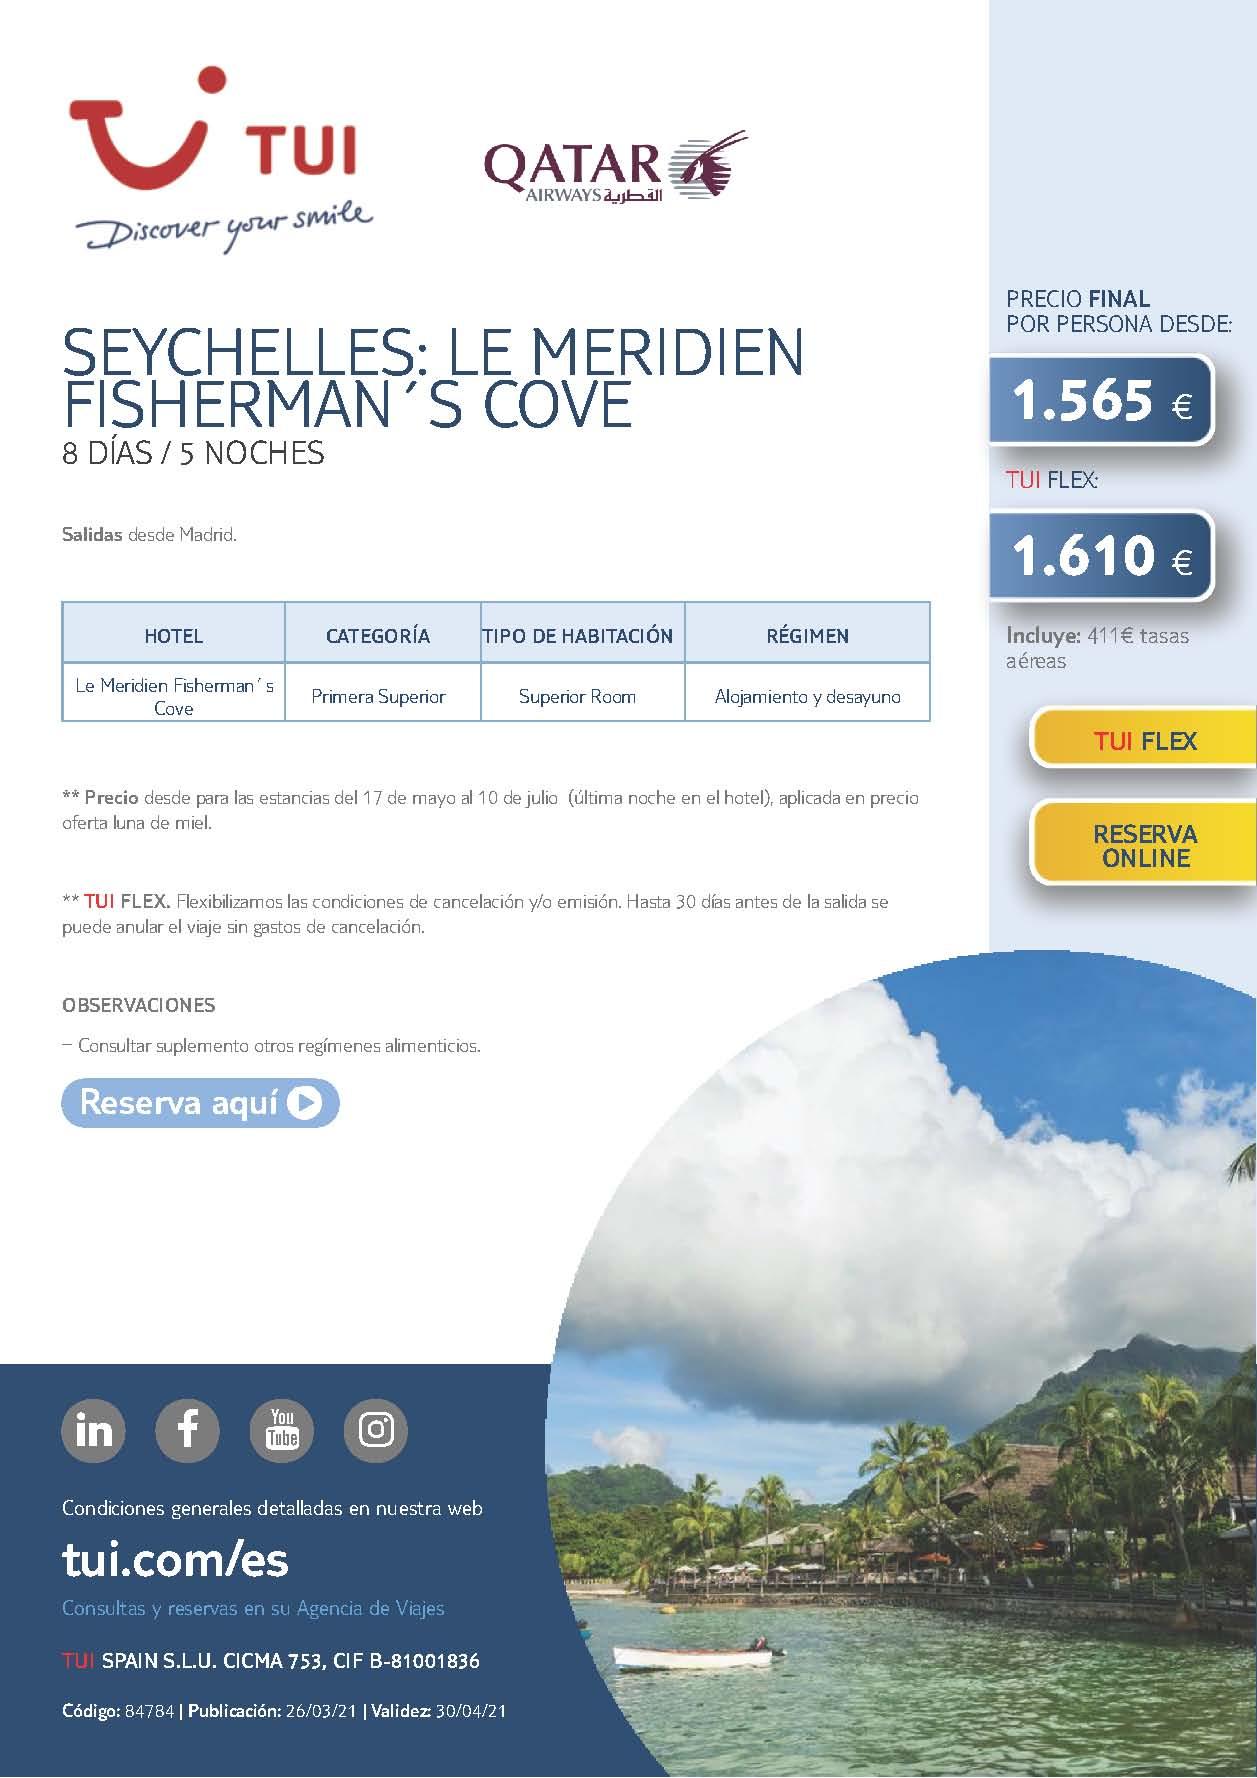 Oferta TUI Mayo a Julio 2021 Estancia en Seychelles